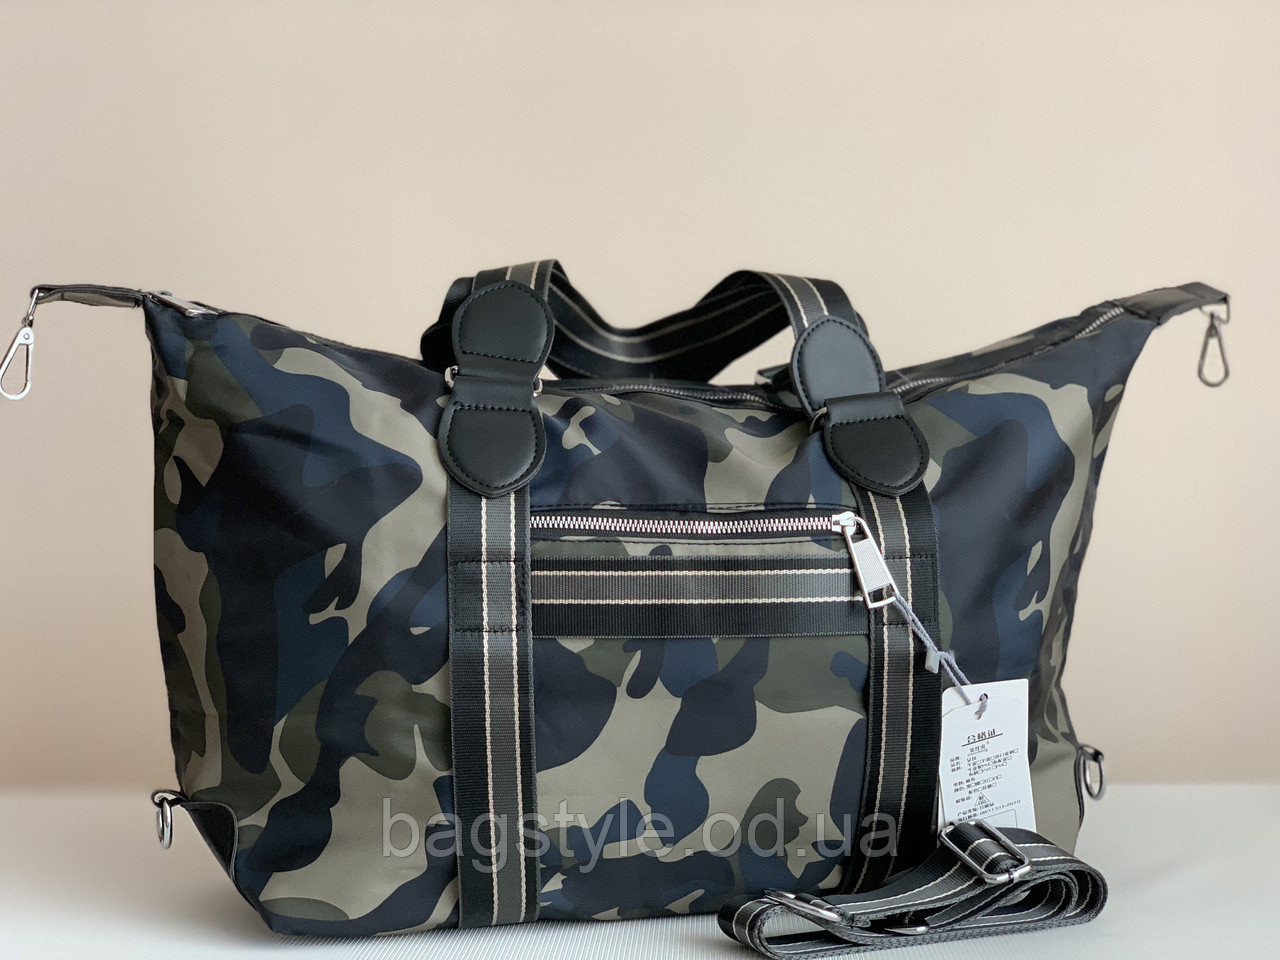 Текстильна спортивна дорожня сумка камуфляжна хакі